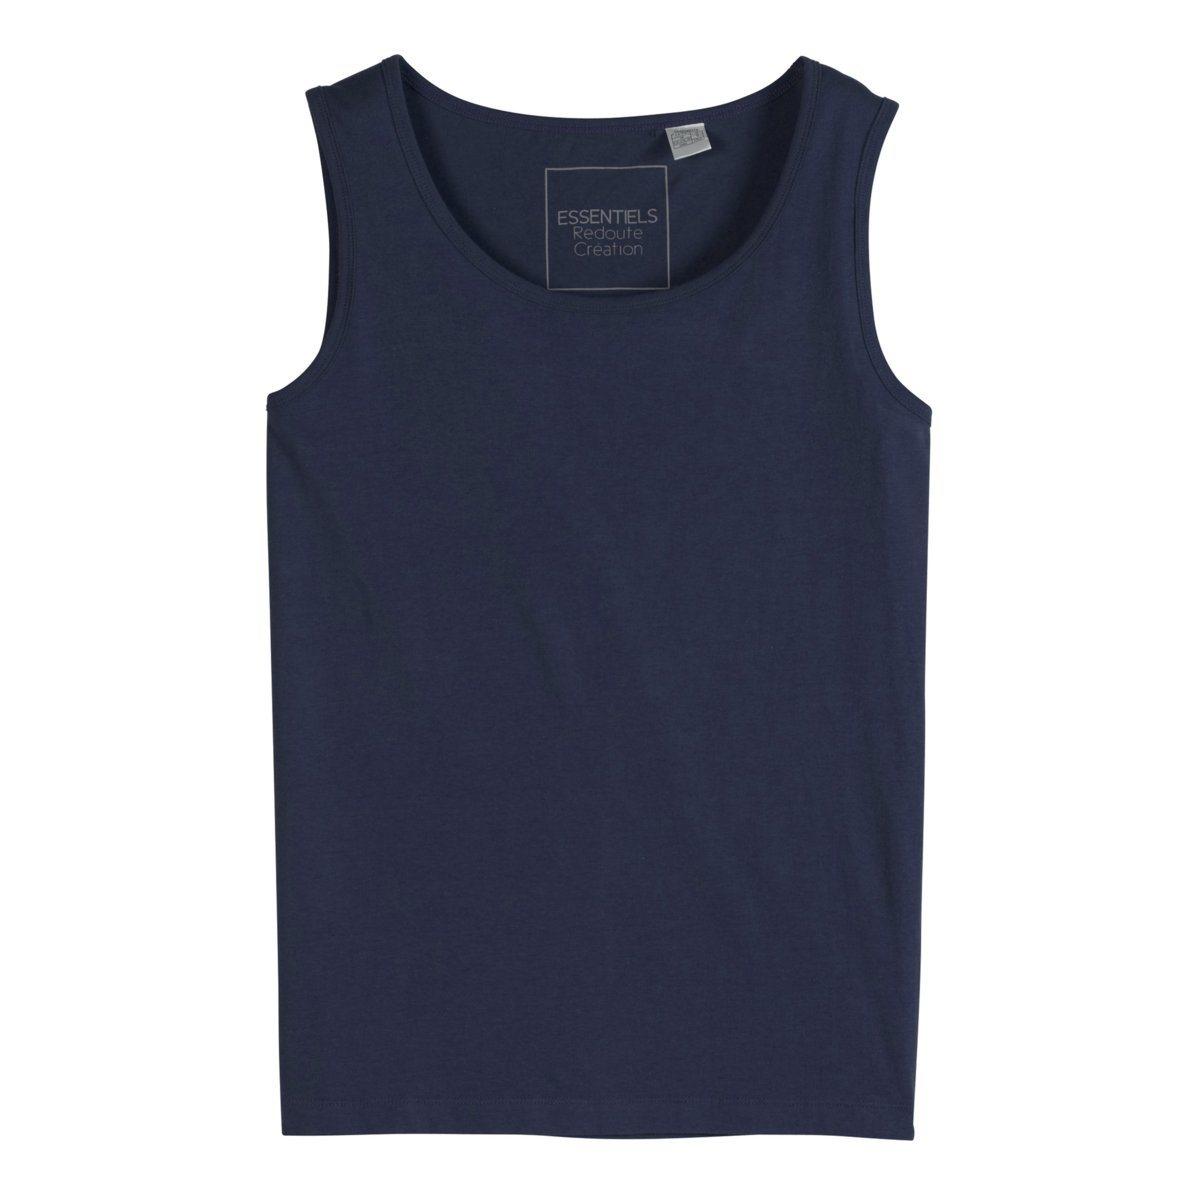 МайкаДжерси, 100% хлопка (цвет серый меланж: 85% хлопка, 15% вискозы). Длина 71 см.<br><br>Цвет: белый,серый меланж,темно-синий,черный<br>Размер: XS.XL